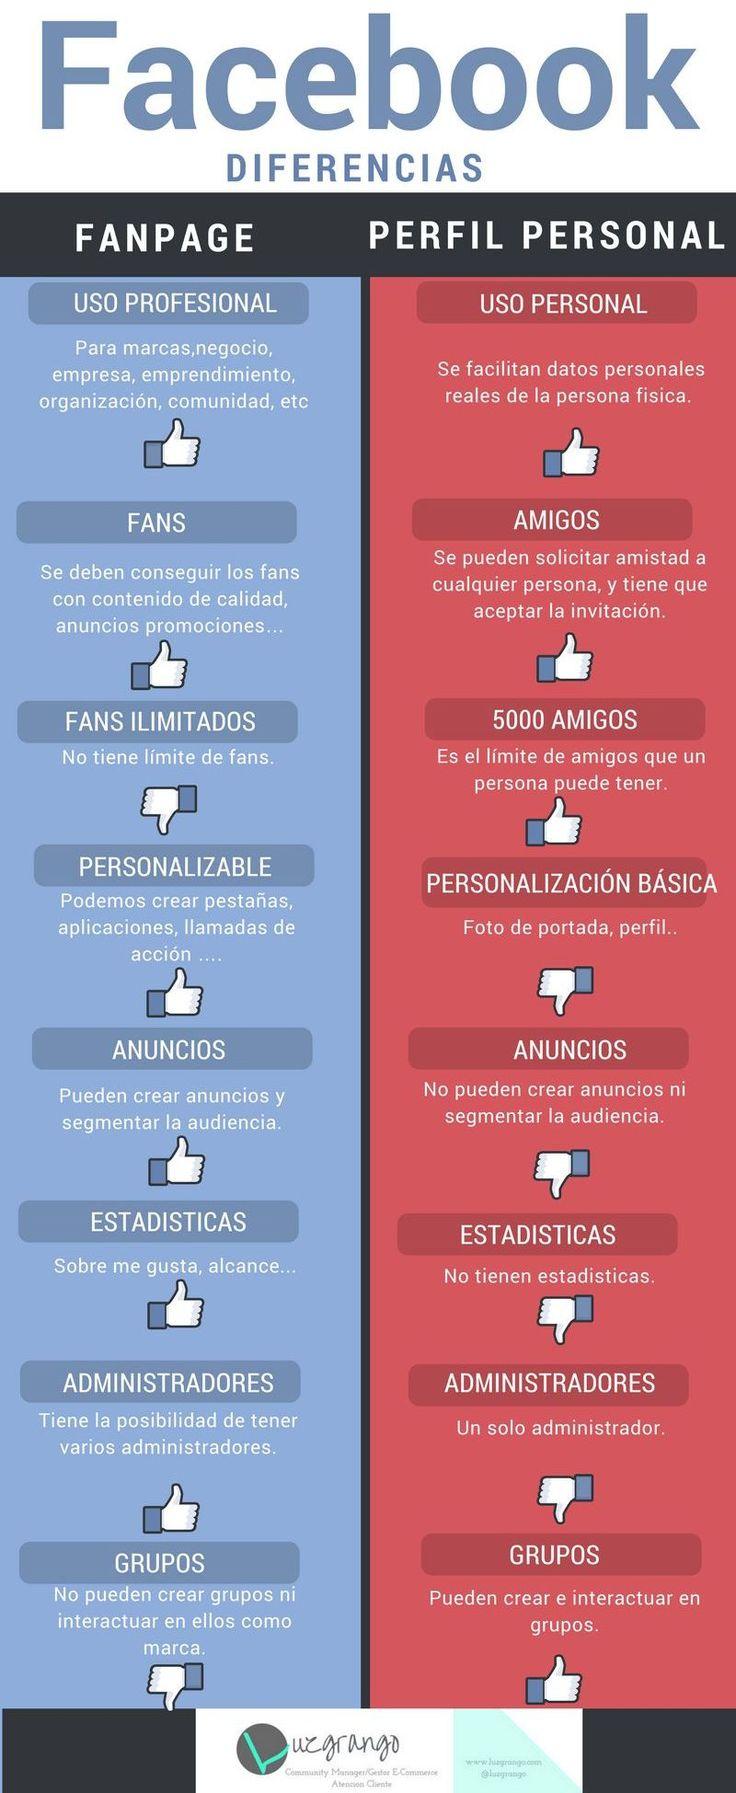 Diferencias entre Fanpage y Perfil Personal en Facebook. Infografía en español. #CommunityManager